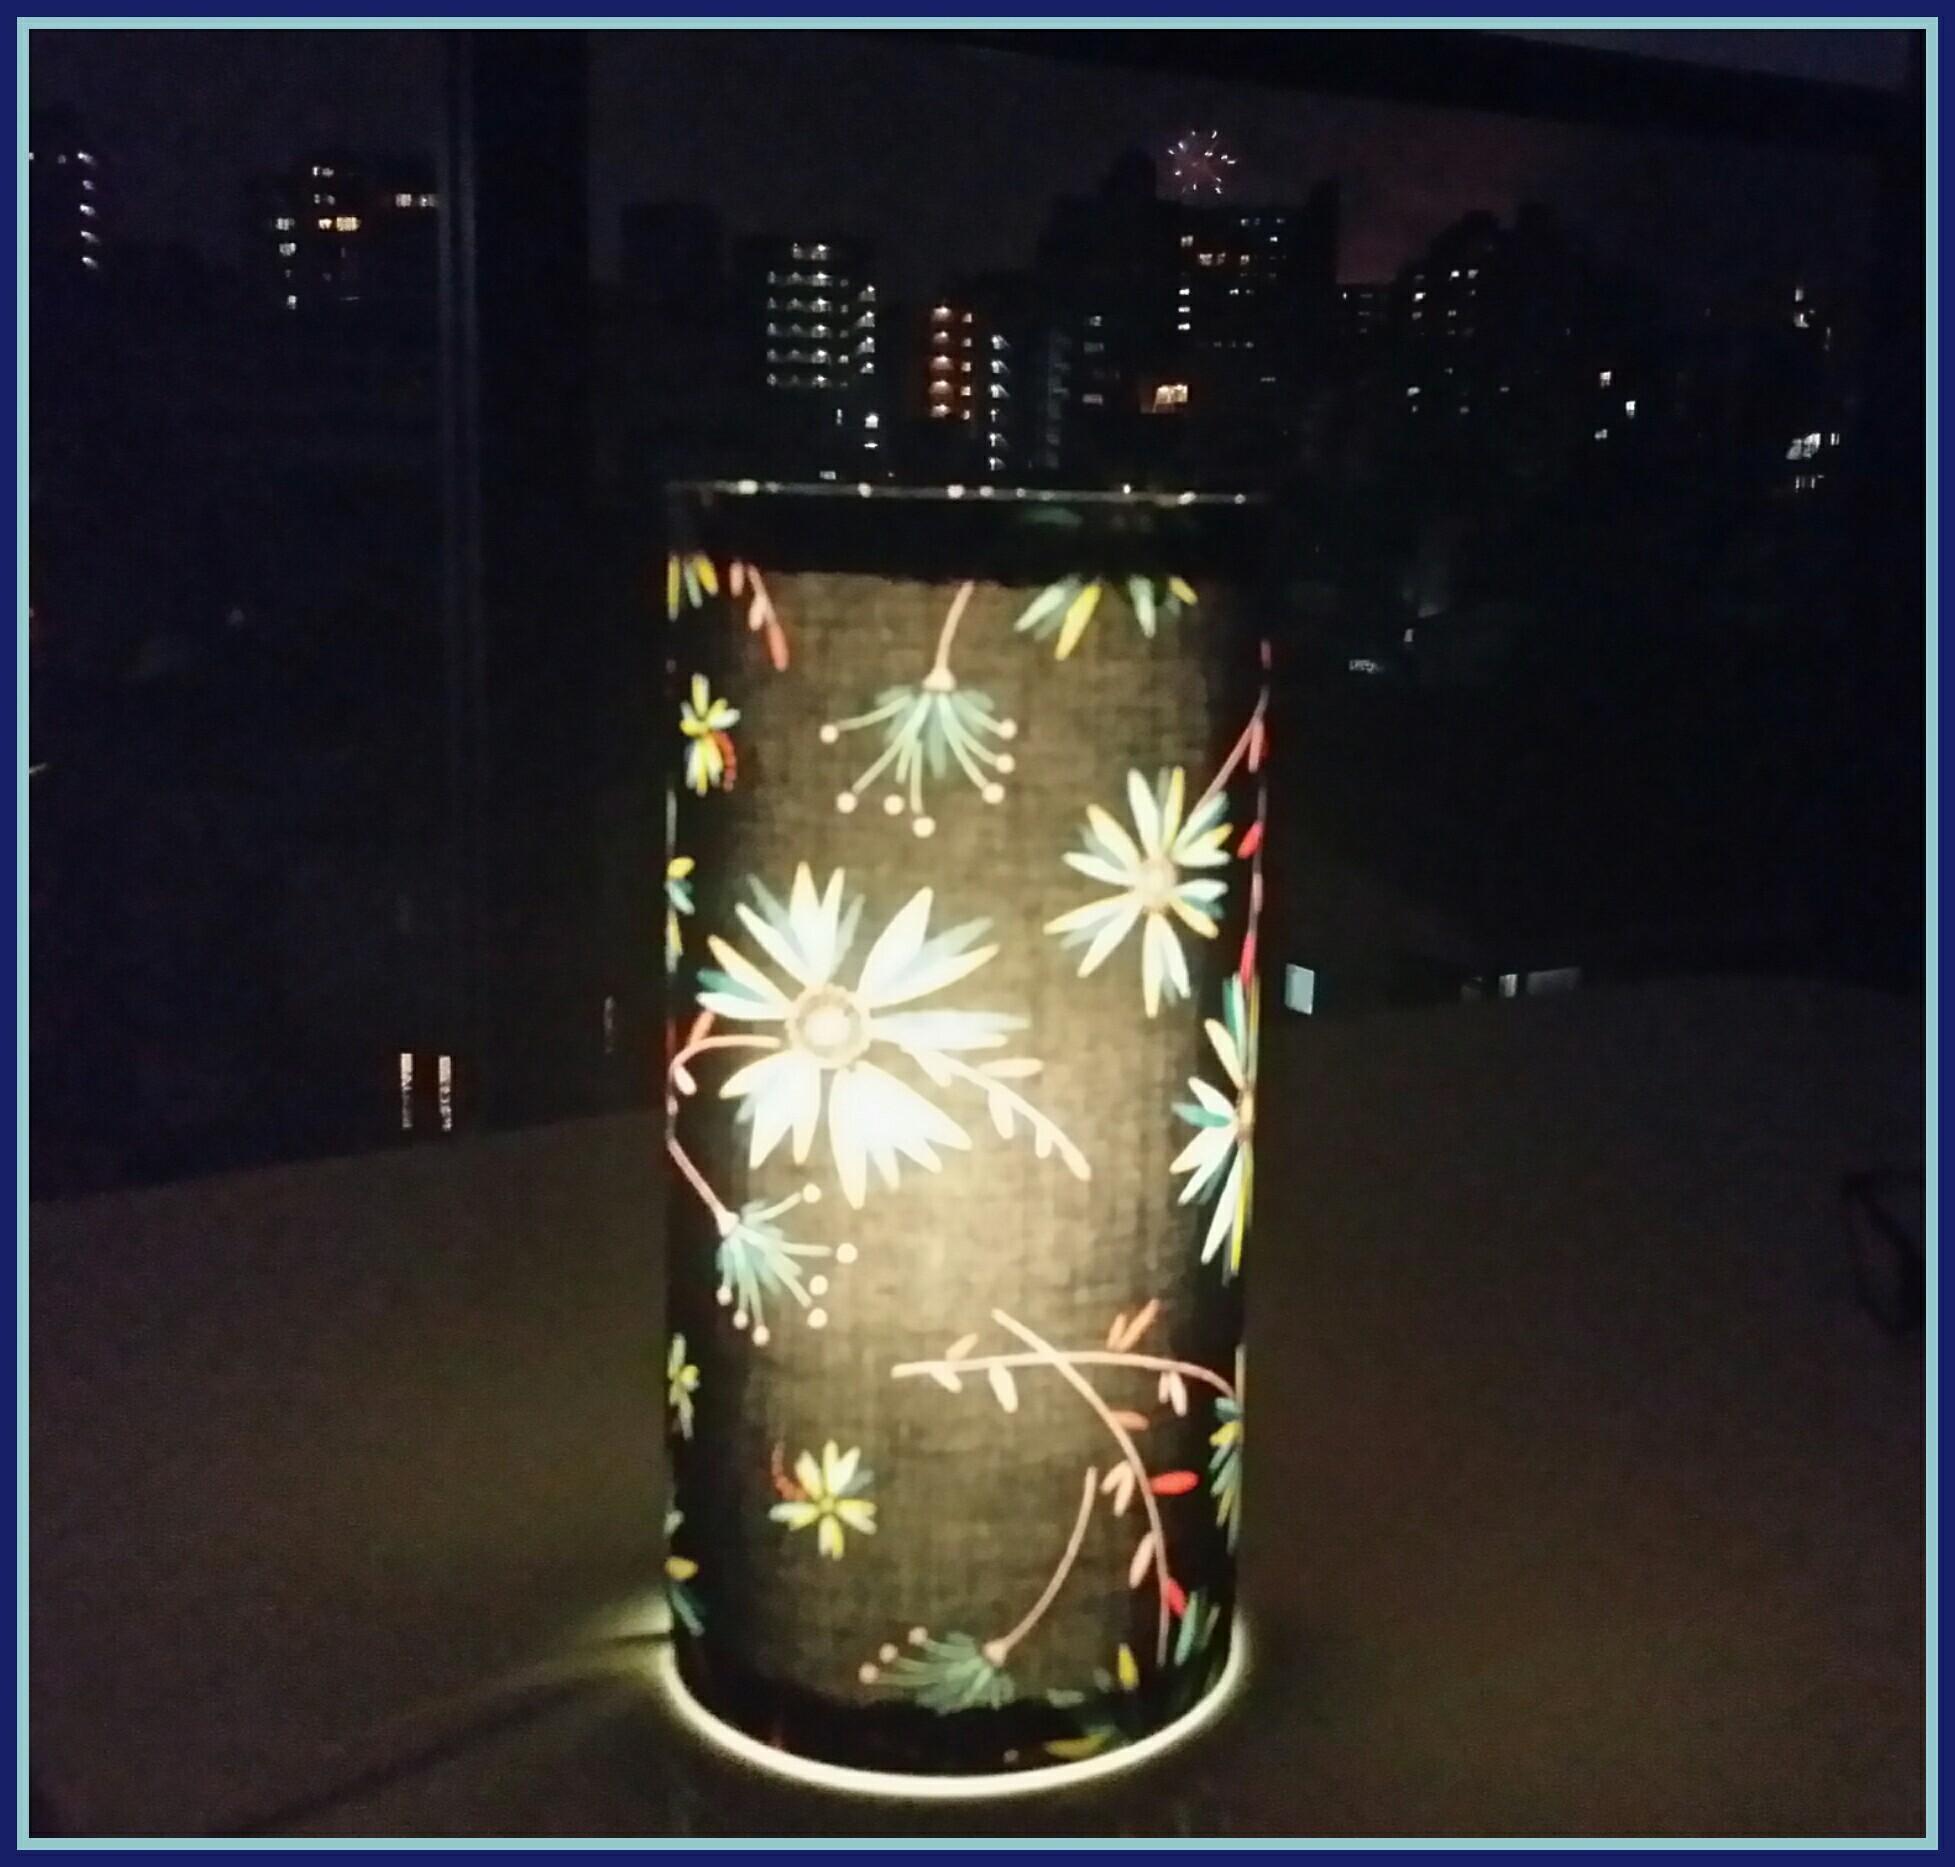 夏の夜のランプシェード_b0300188_01065619.jpg